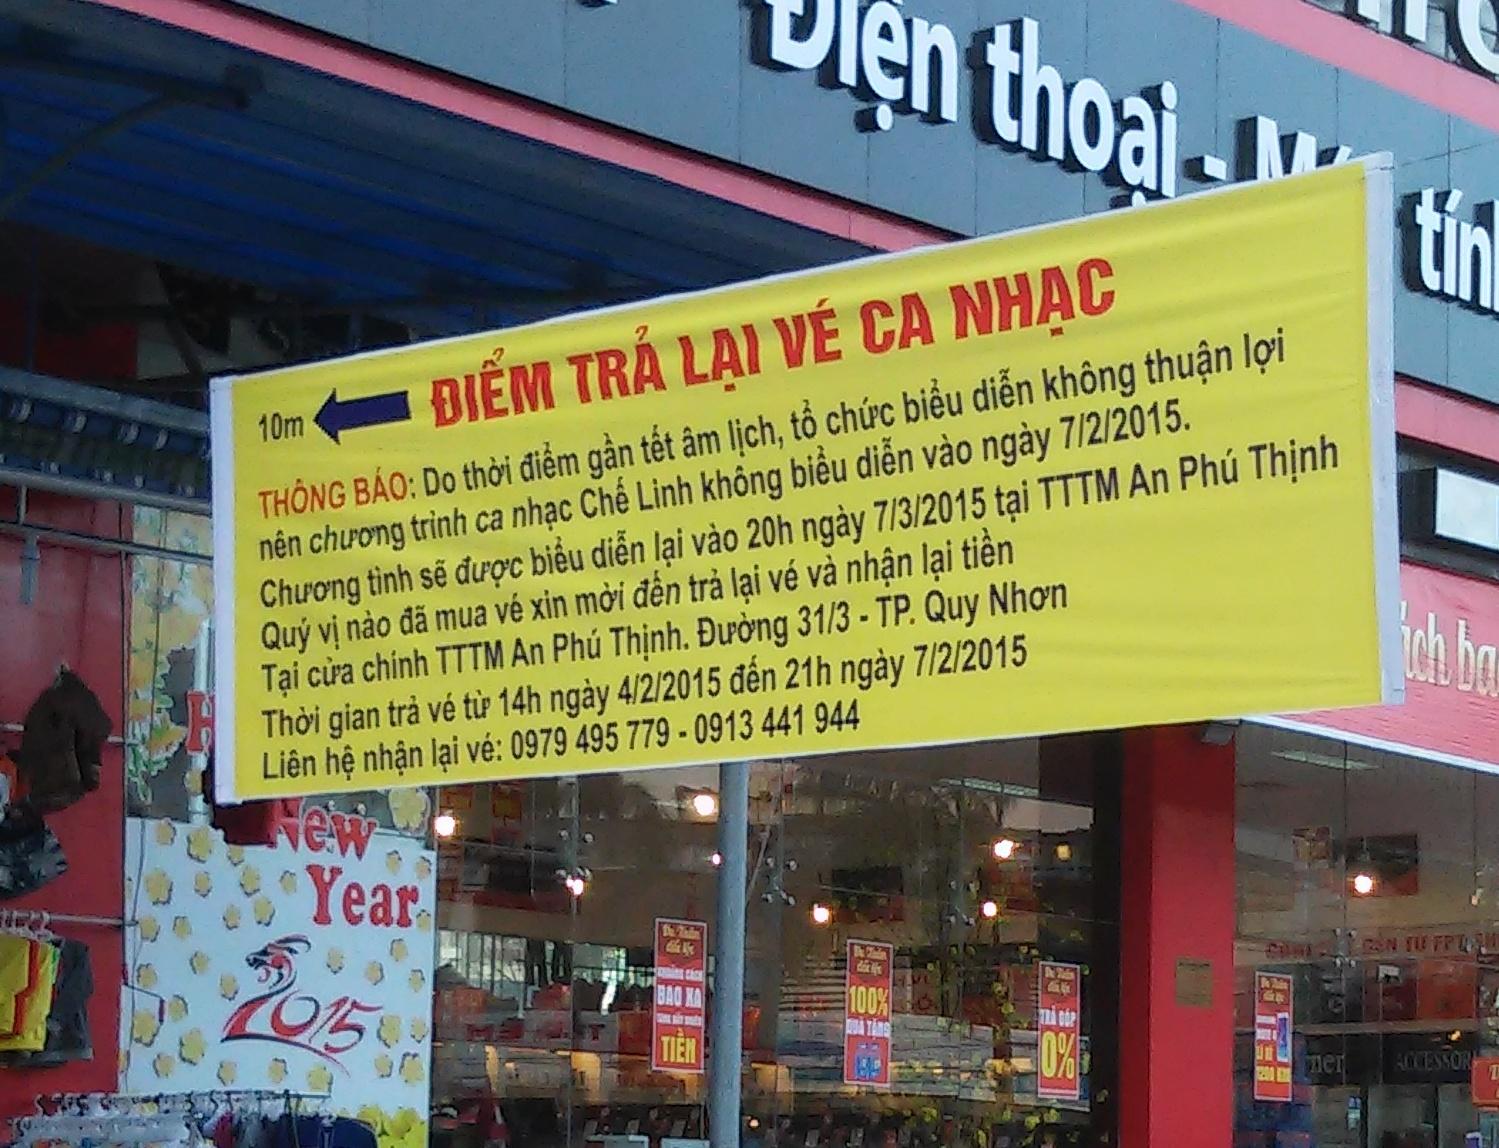 Thực hư thông tin show Chế Linh bị đình chỉ ở Bình Định - Ảnh 2